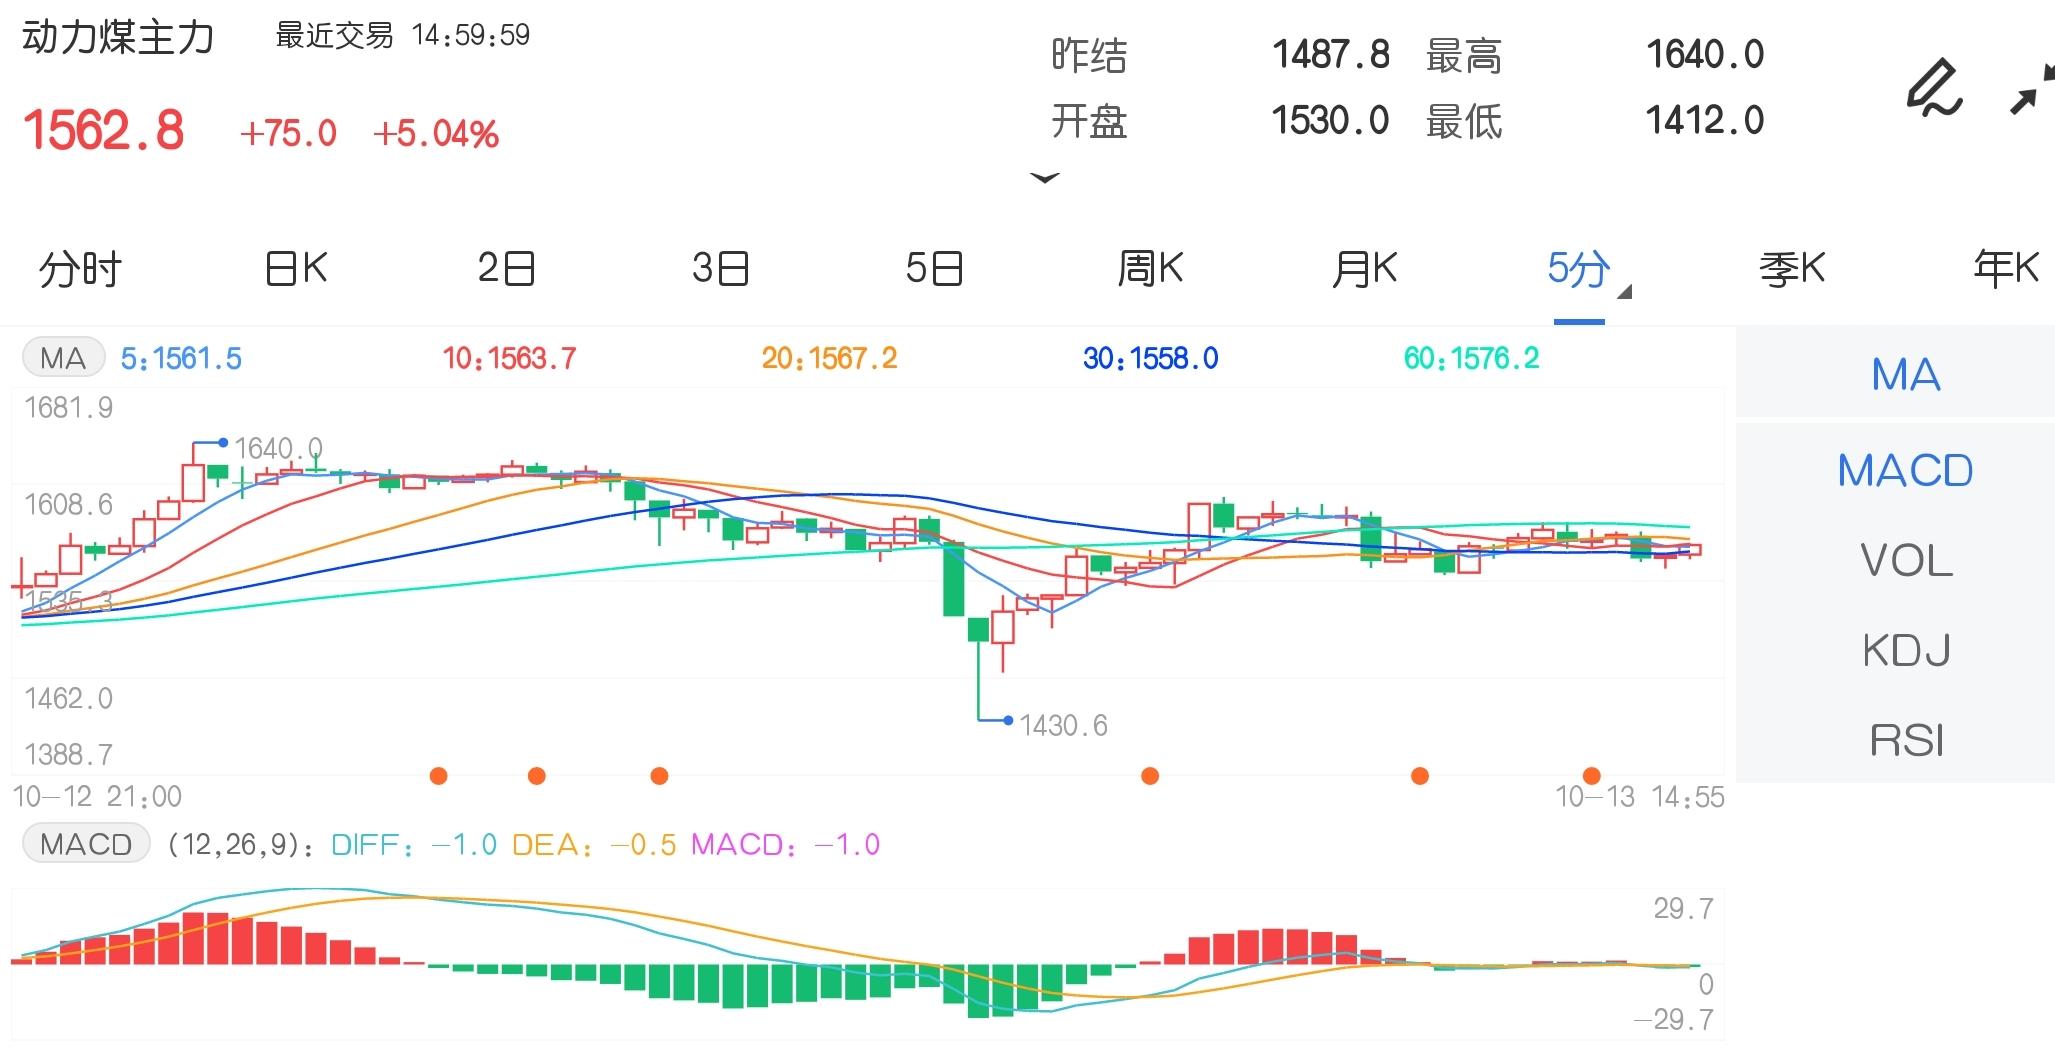 10月13日期货软件走势图综述:动力煤期货主力涨5.04%